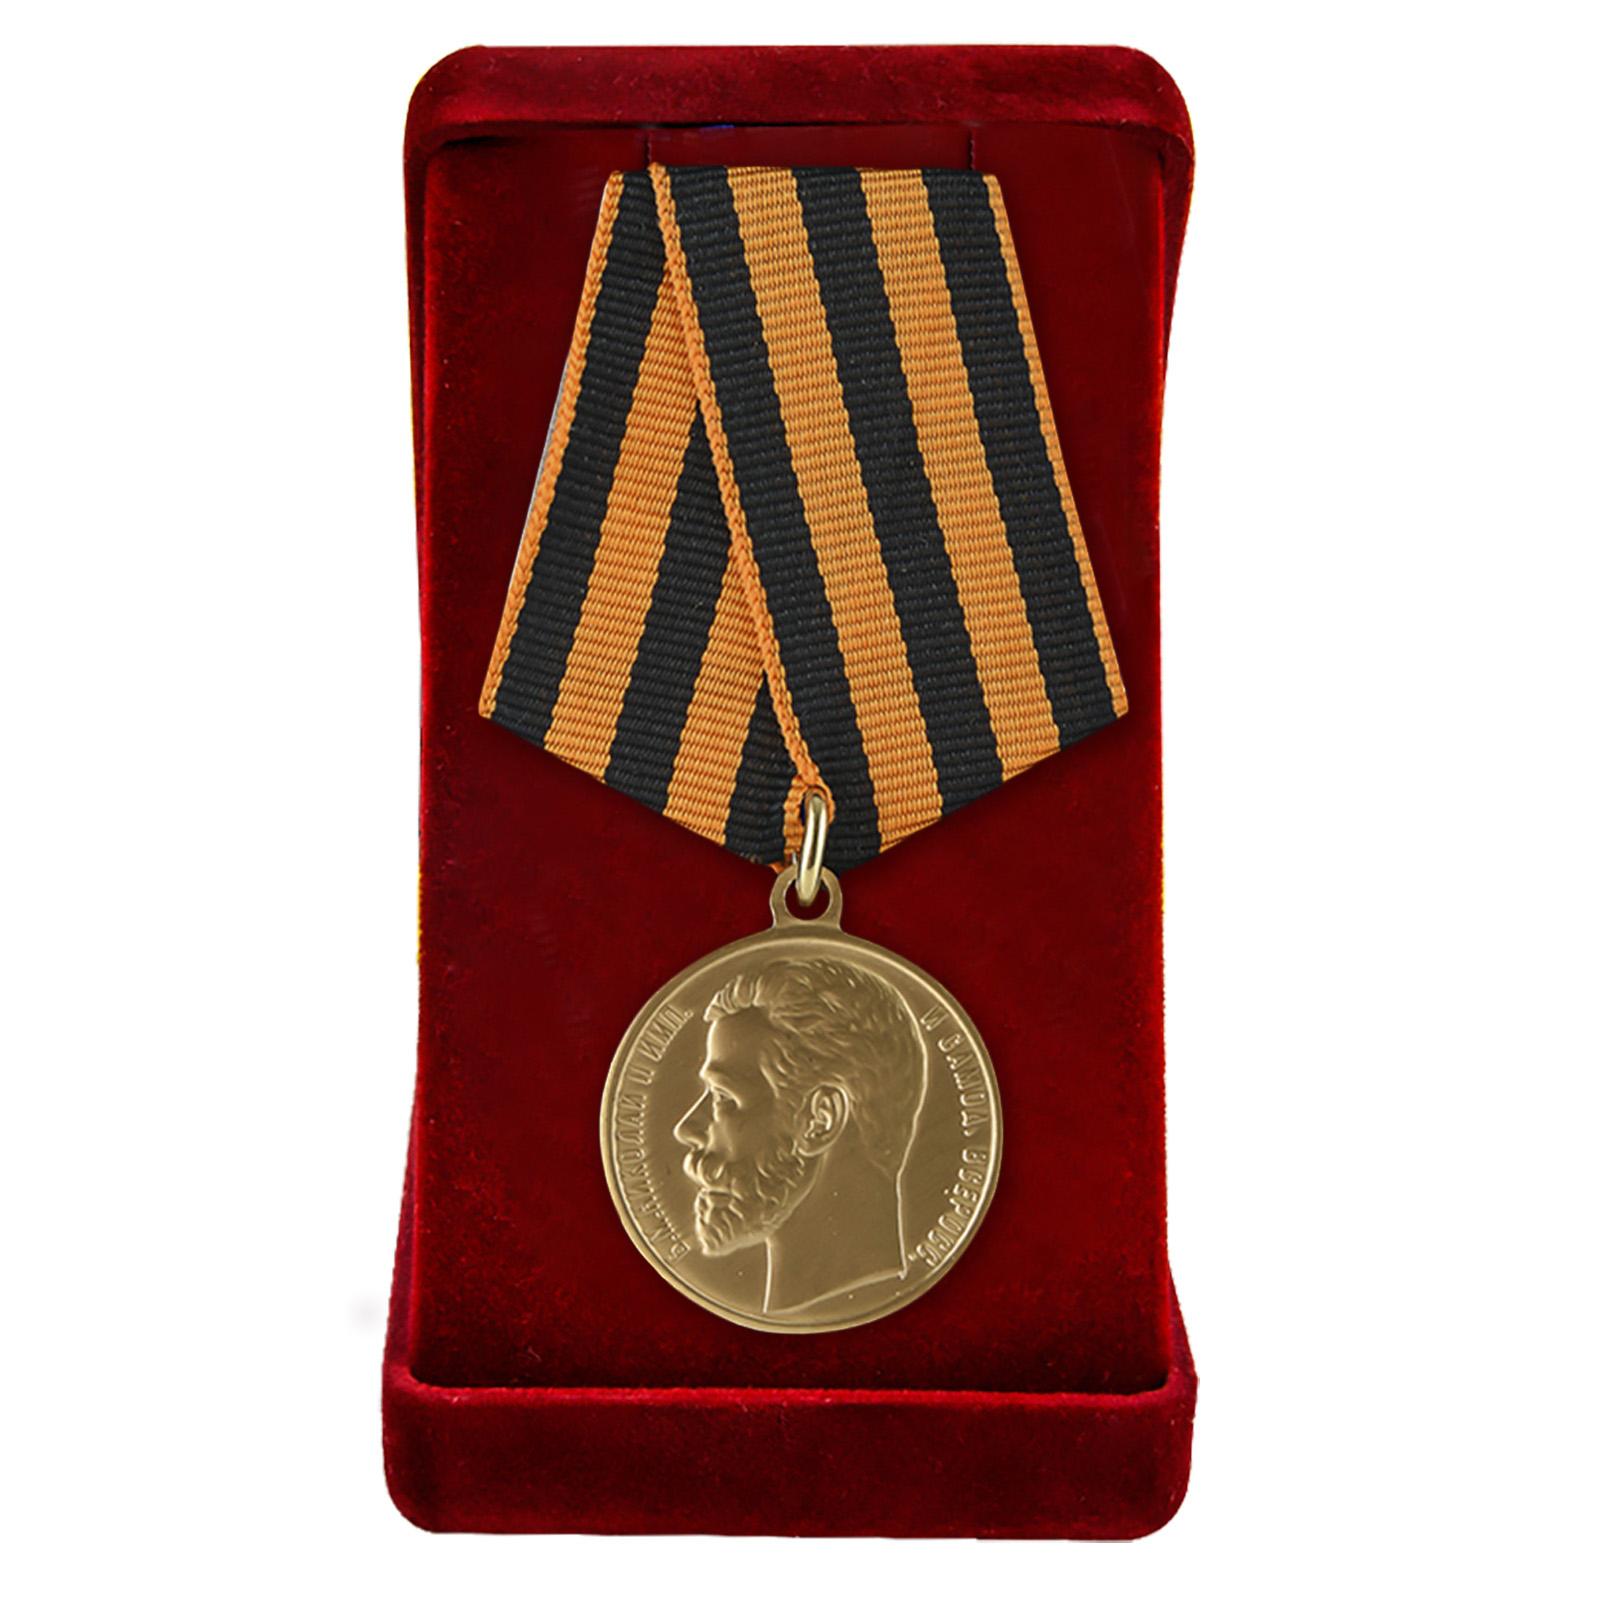 Купить медаль Николая 2 За храбрость по выгодной цене